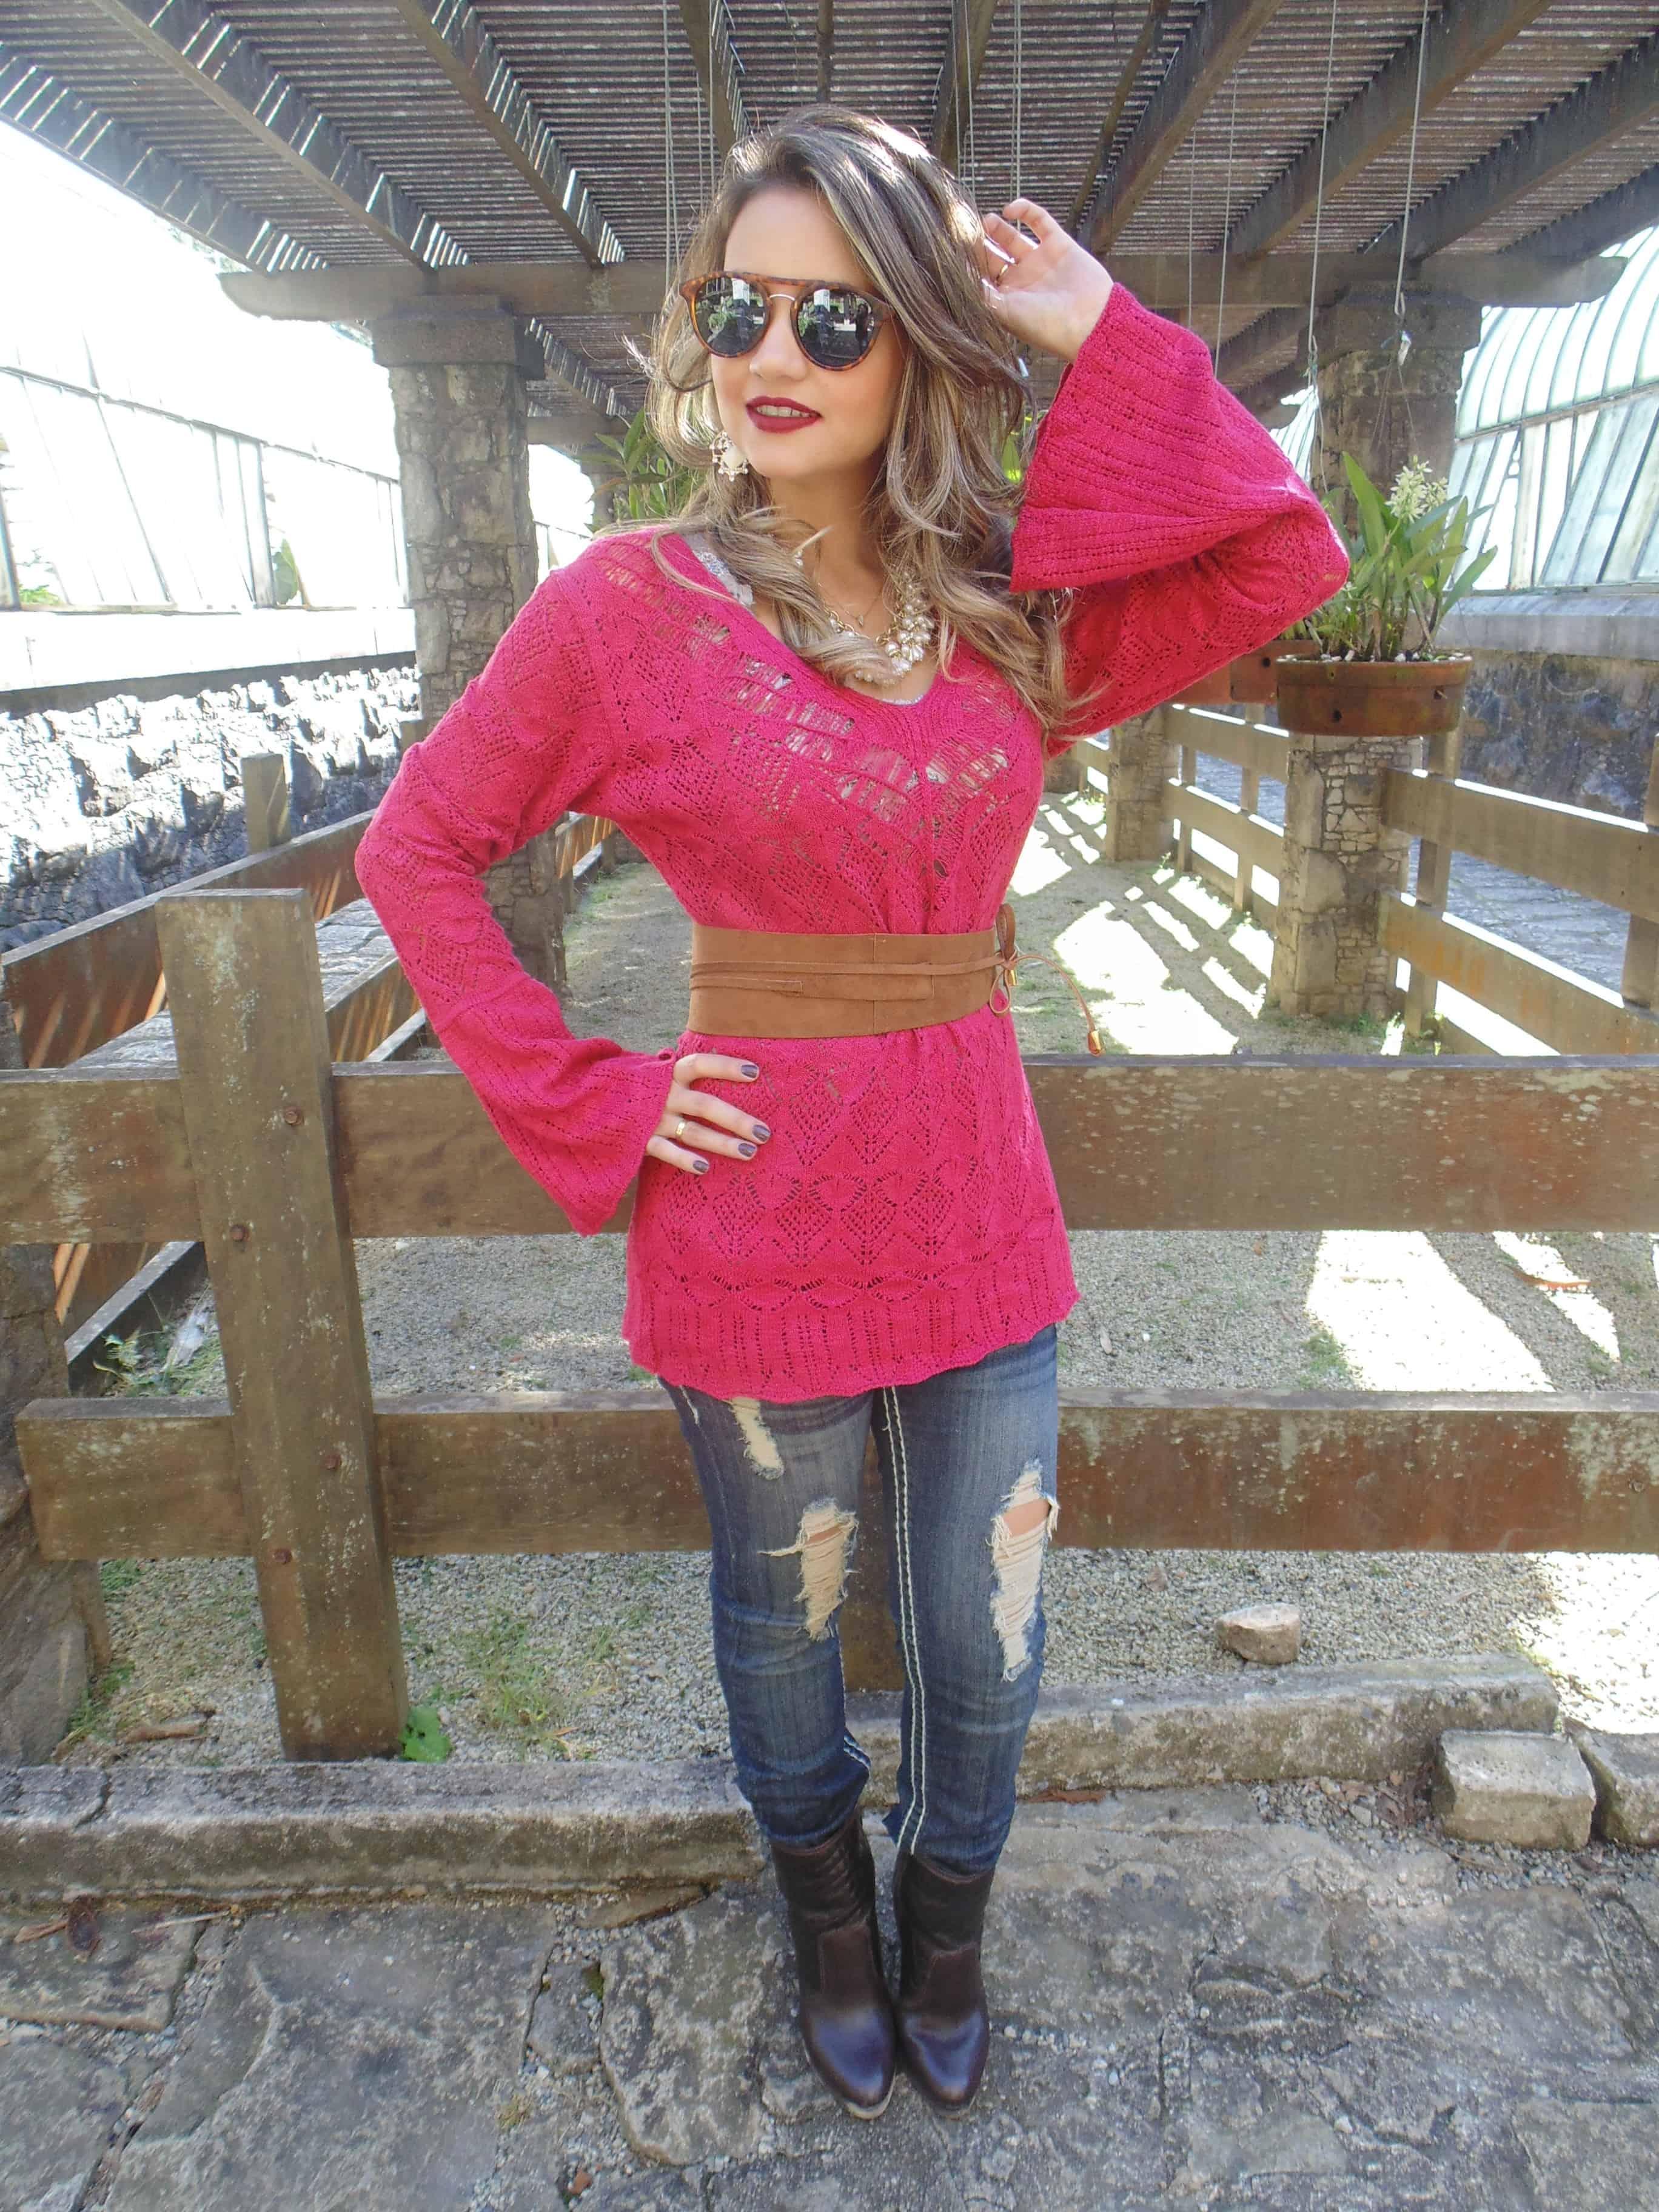 DSC02332 Novidades Loja Online AchadoChique especial Outono Inverno 2015